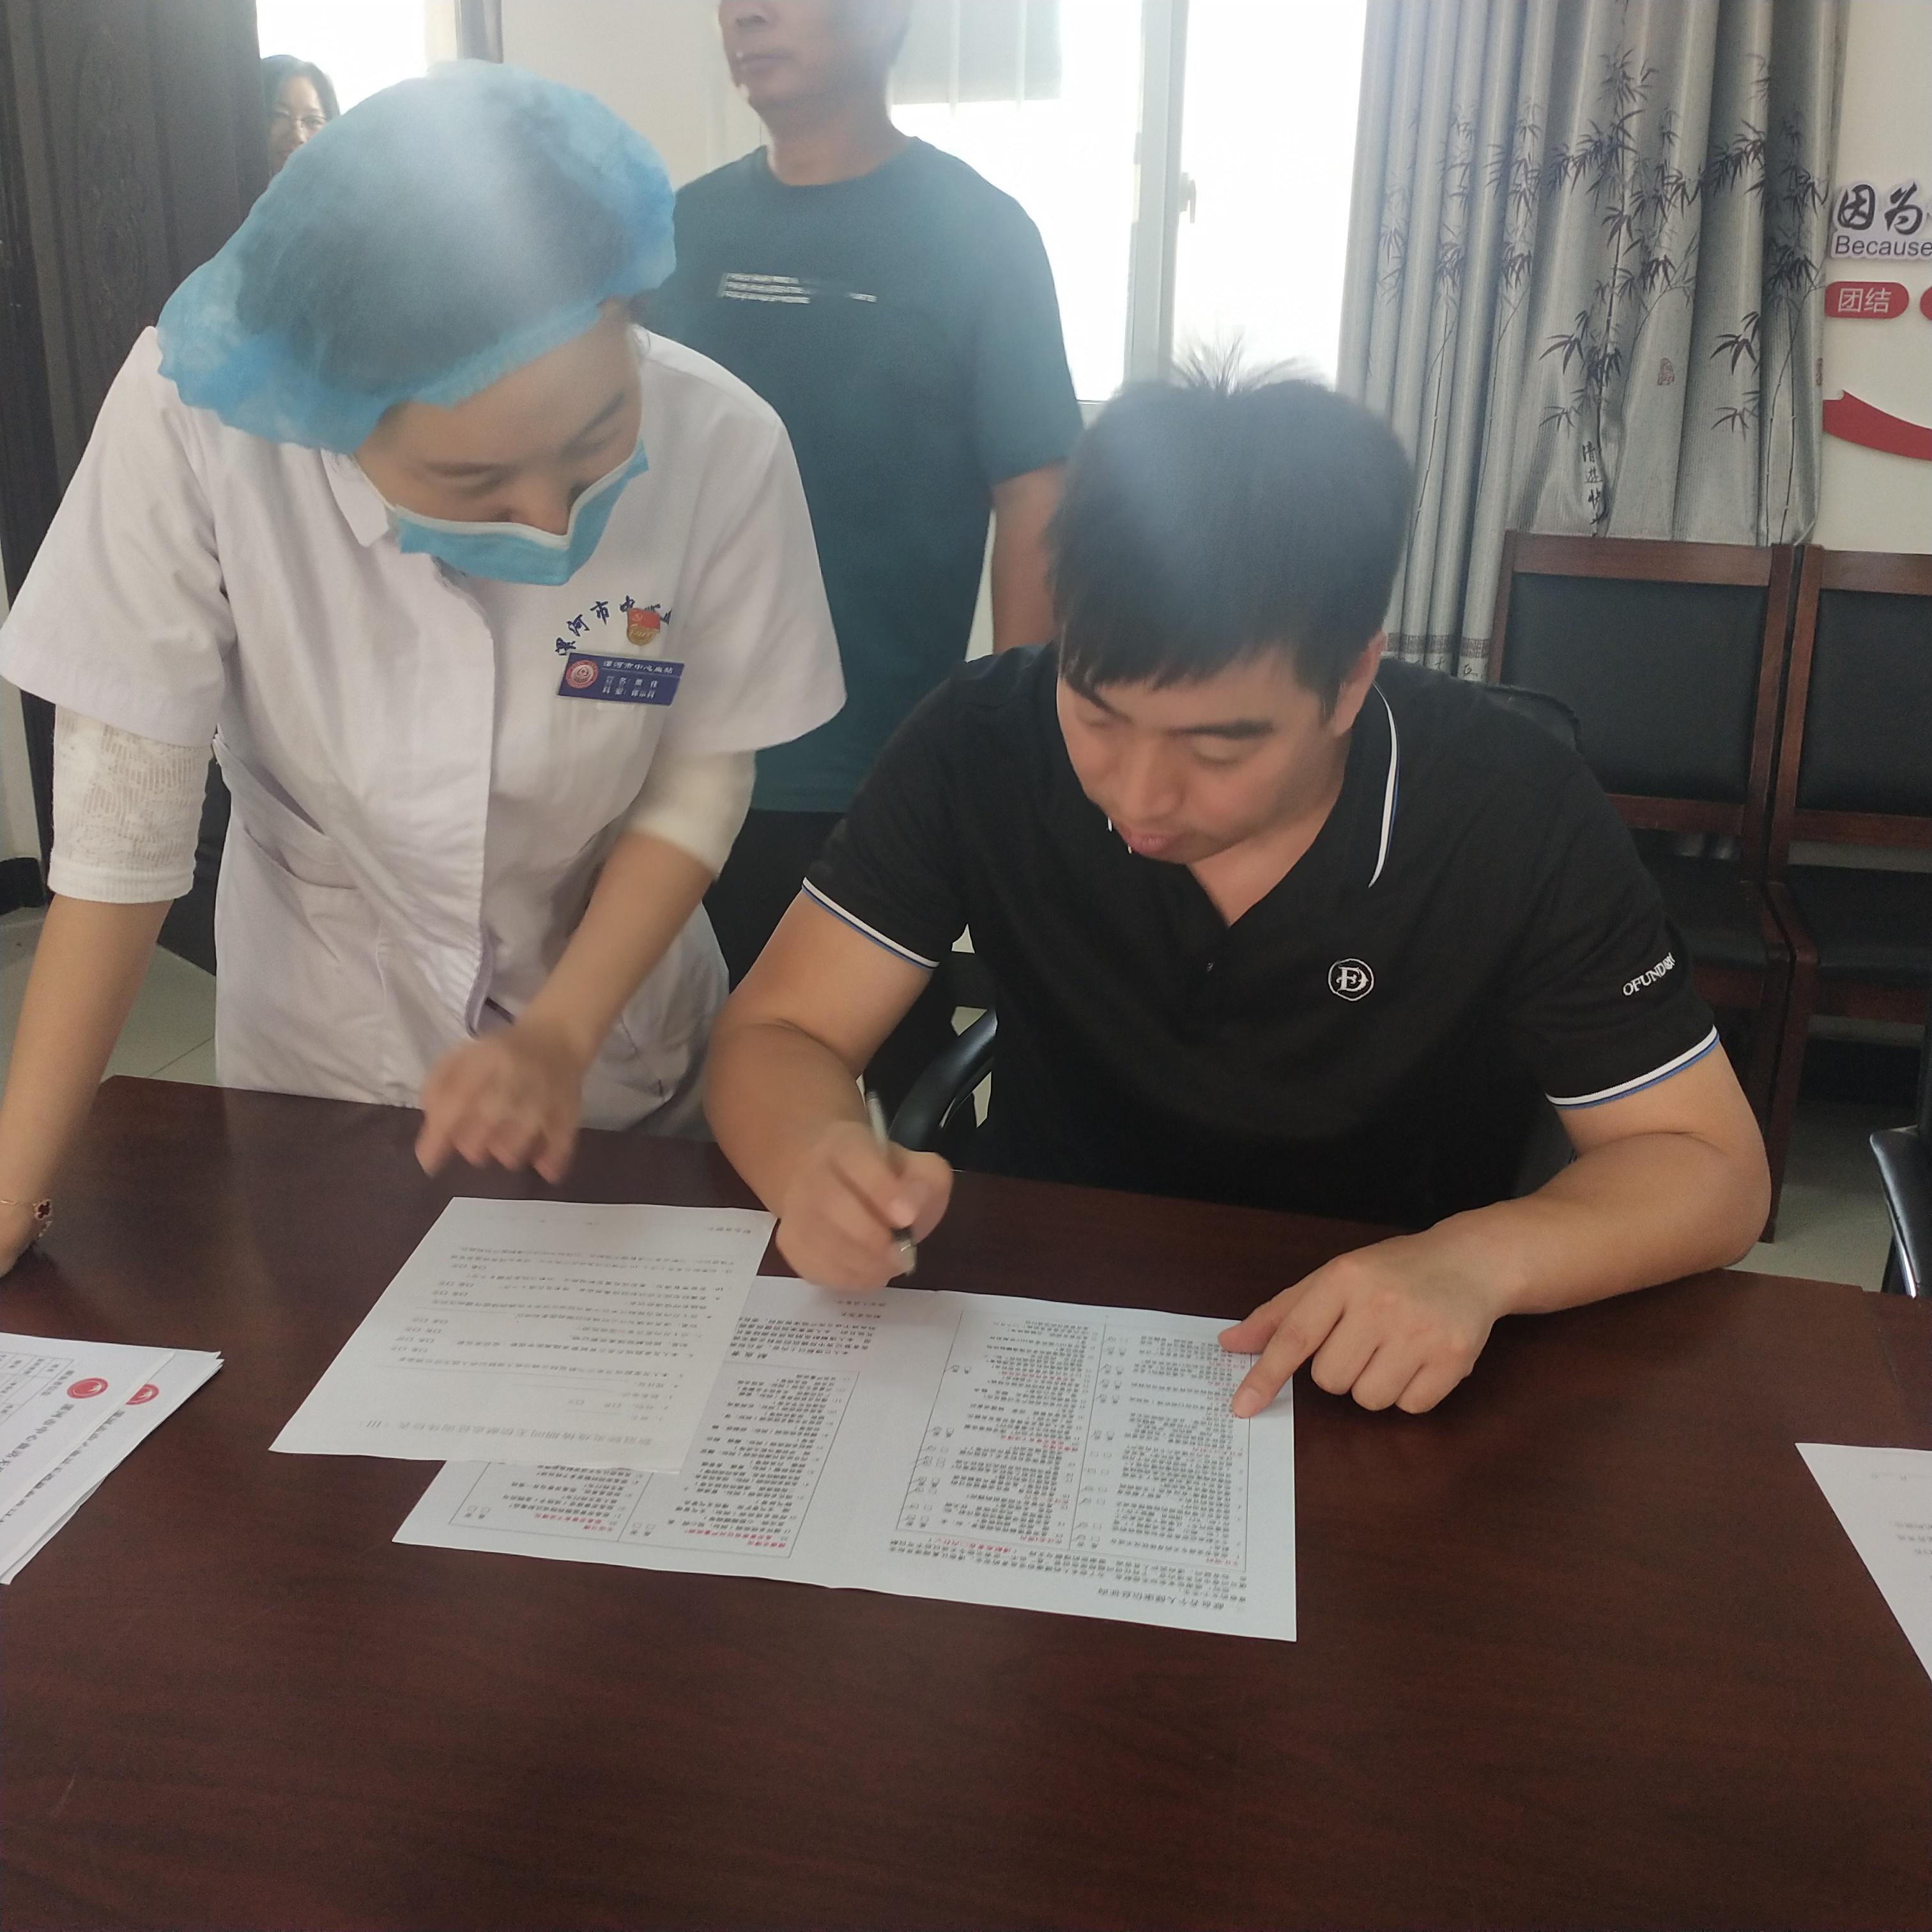 漯河市陈家港工业园组织开展无偿献血活动 中国财经新闻网 www.prcfe.com